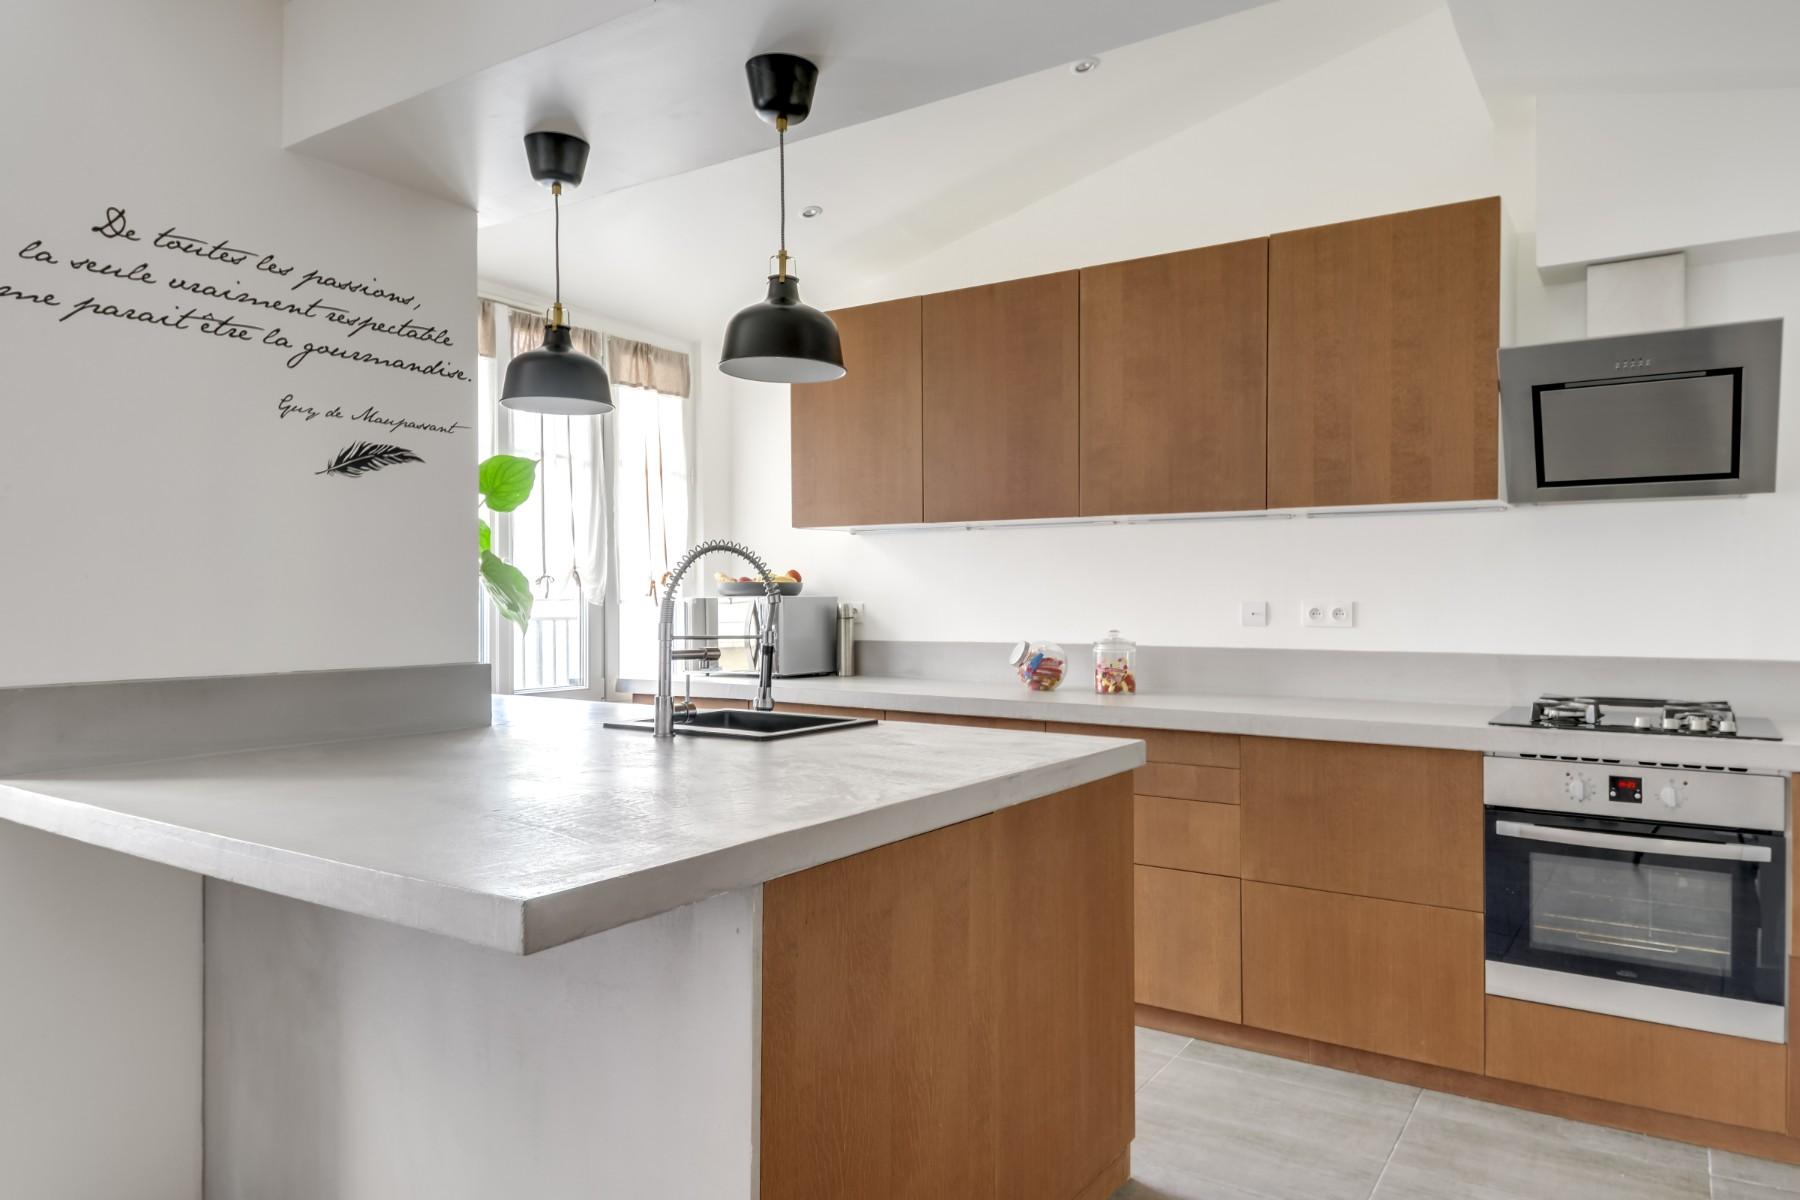 Rénovation d'une maison à Meaux, la cuisine grâce à un architecte Archibien